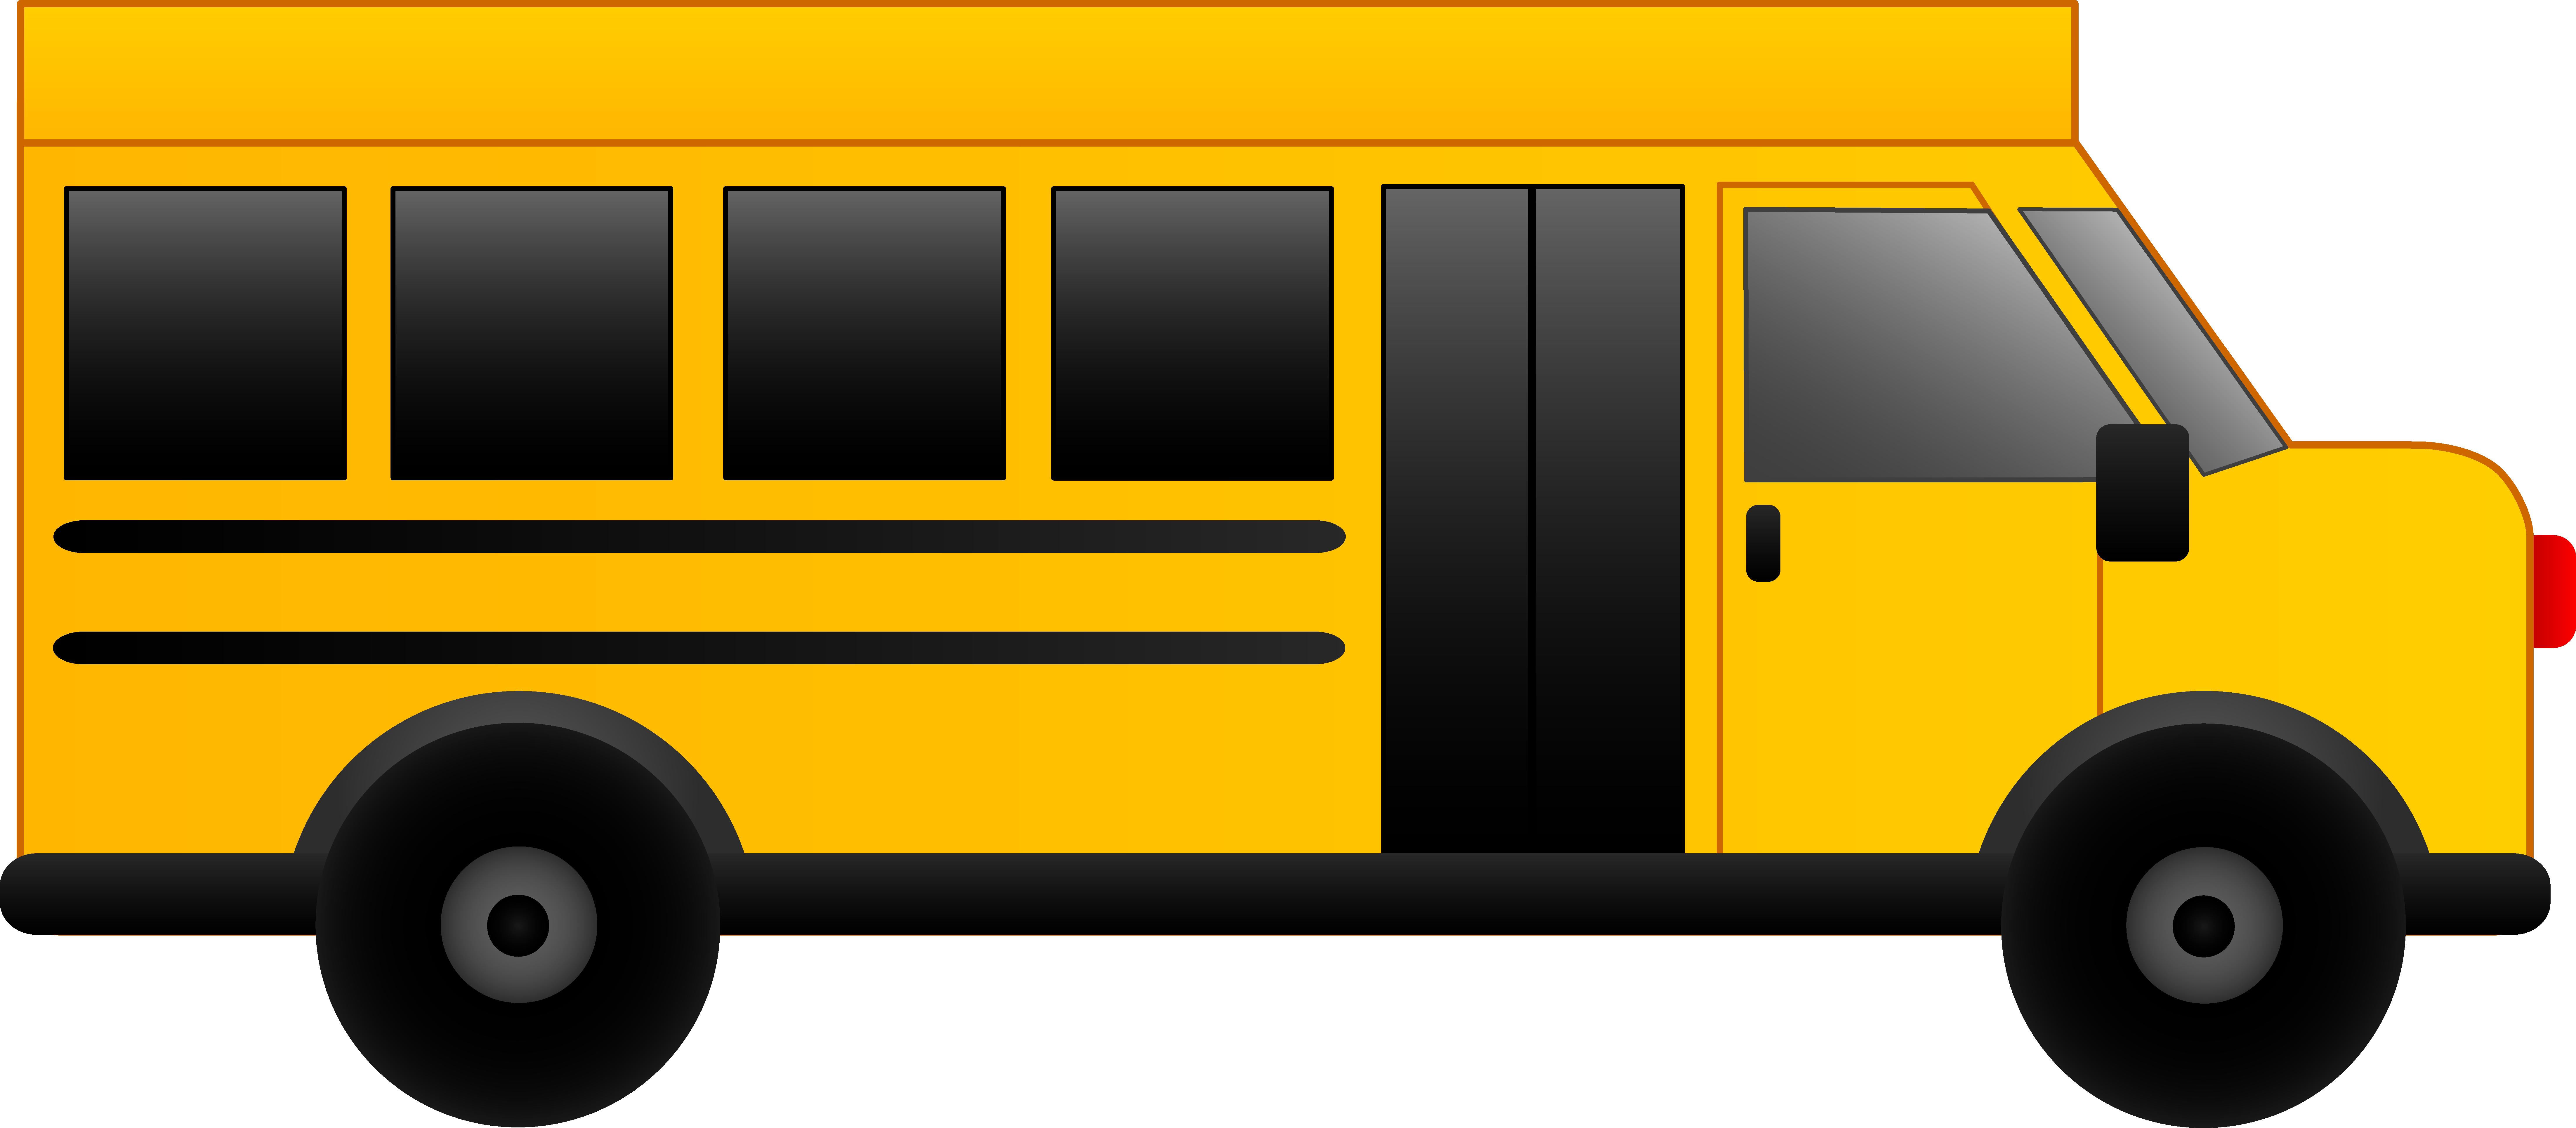 school bus clipart images